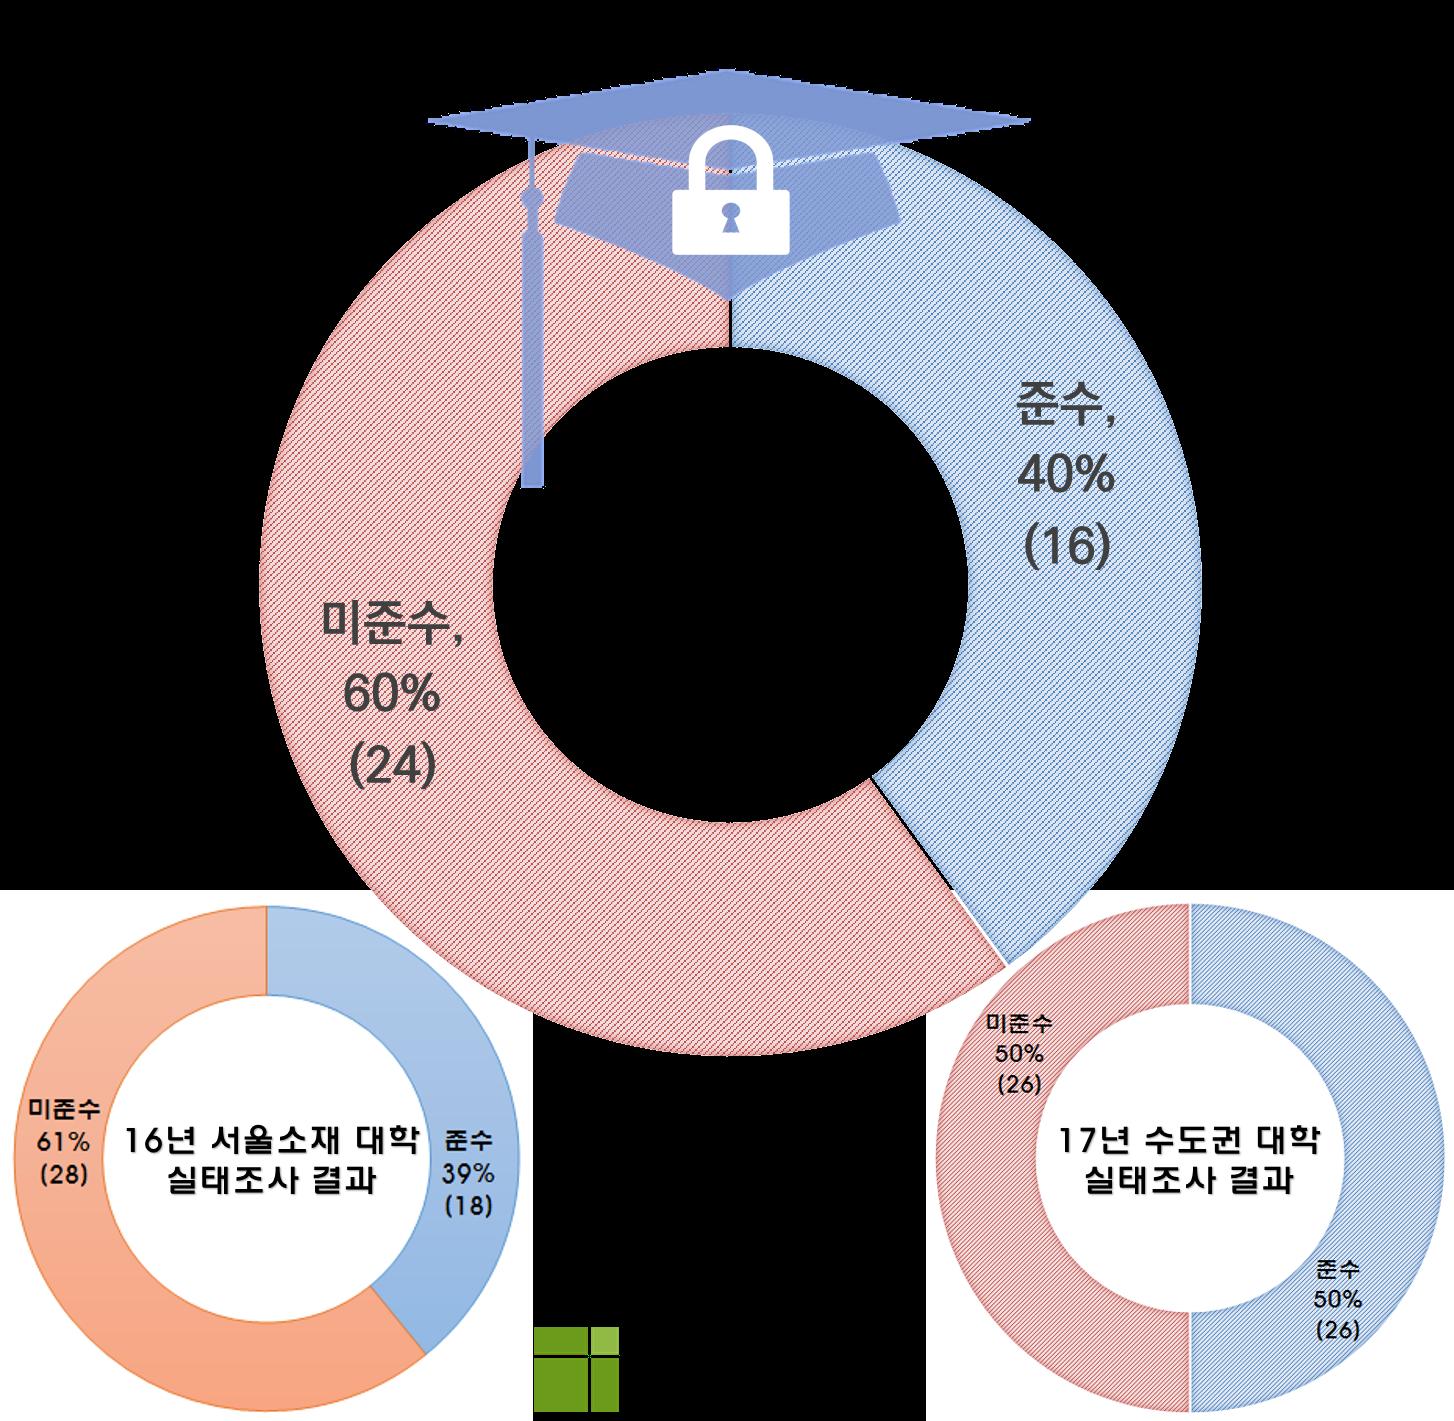 충청권 4년제 대학의 개인정보보호 실태조사 결과